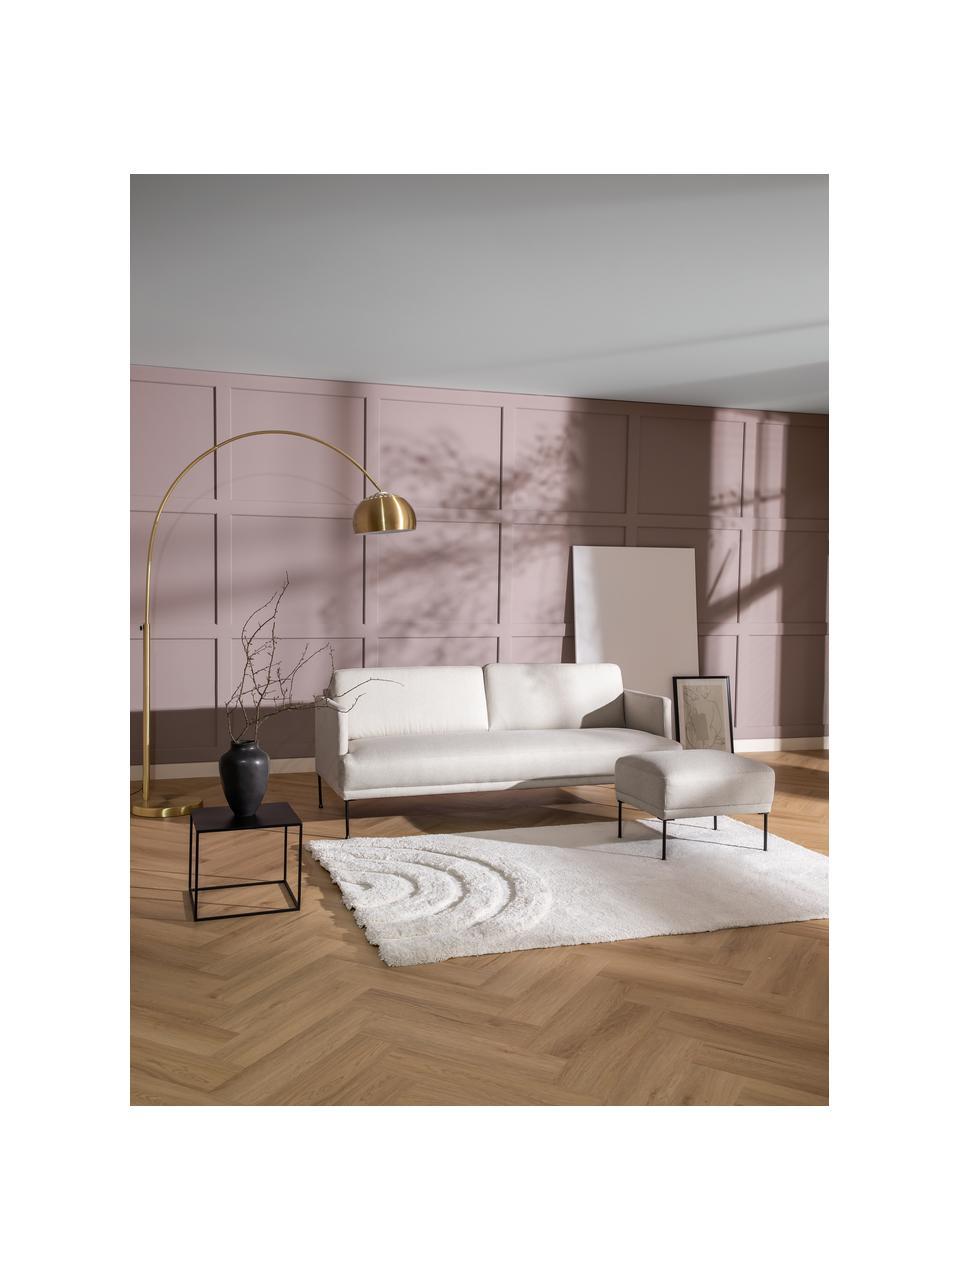 Sofa Fluente (3-Sitzer) in Beige mit Metall-Füßen, Bezug: 80% Polyester, 20% Ramie , Gestell: Massives Kiefernholz, Füße: Metall, pulverbeschichtet, Webstoff Beige, B 196 x T 85 cm